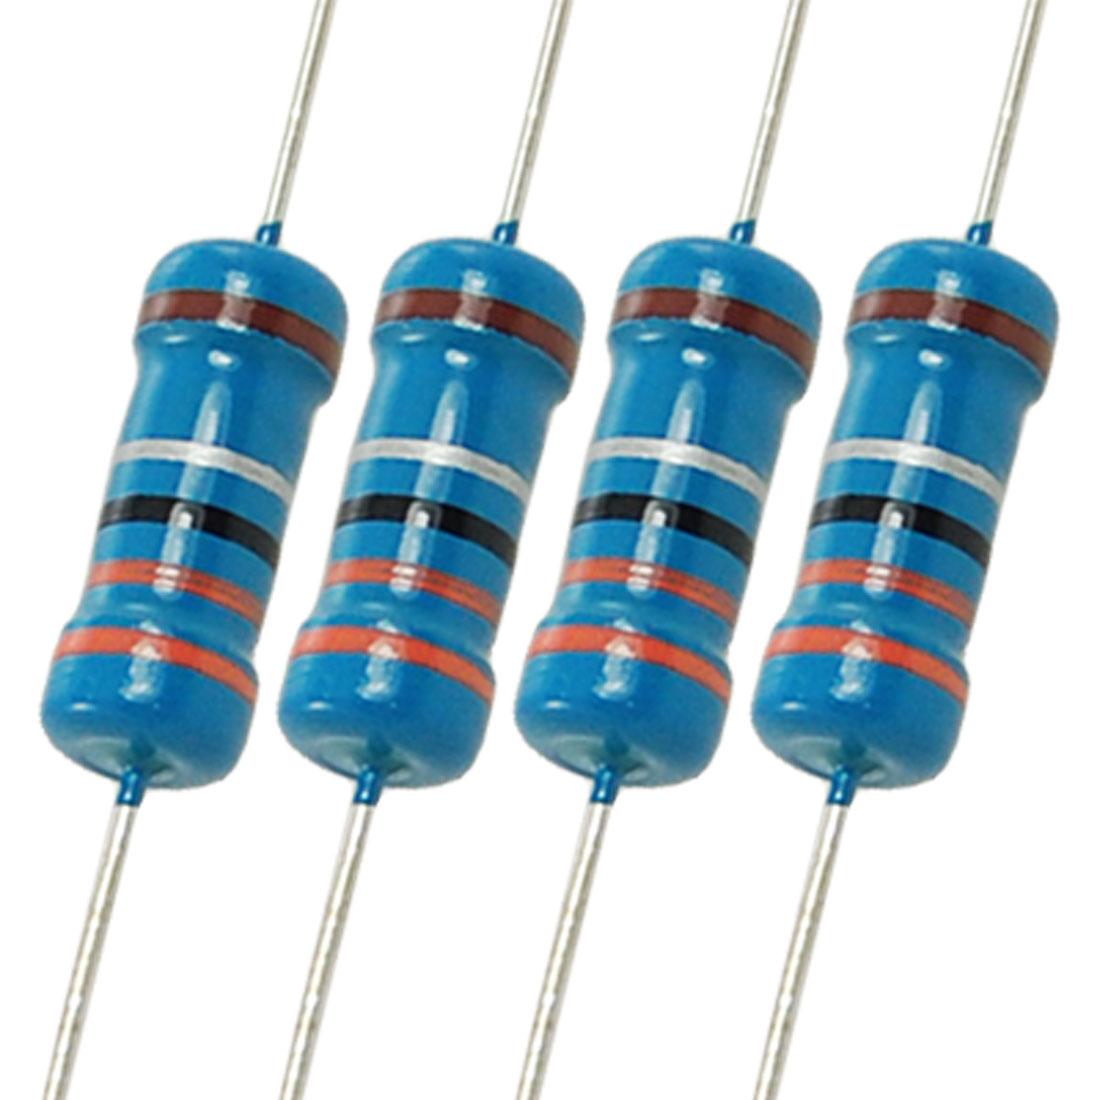 200 Pcs 1W 3.3 Ohm 1% Metal Film Resistors 1 Watt 3R3